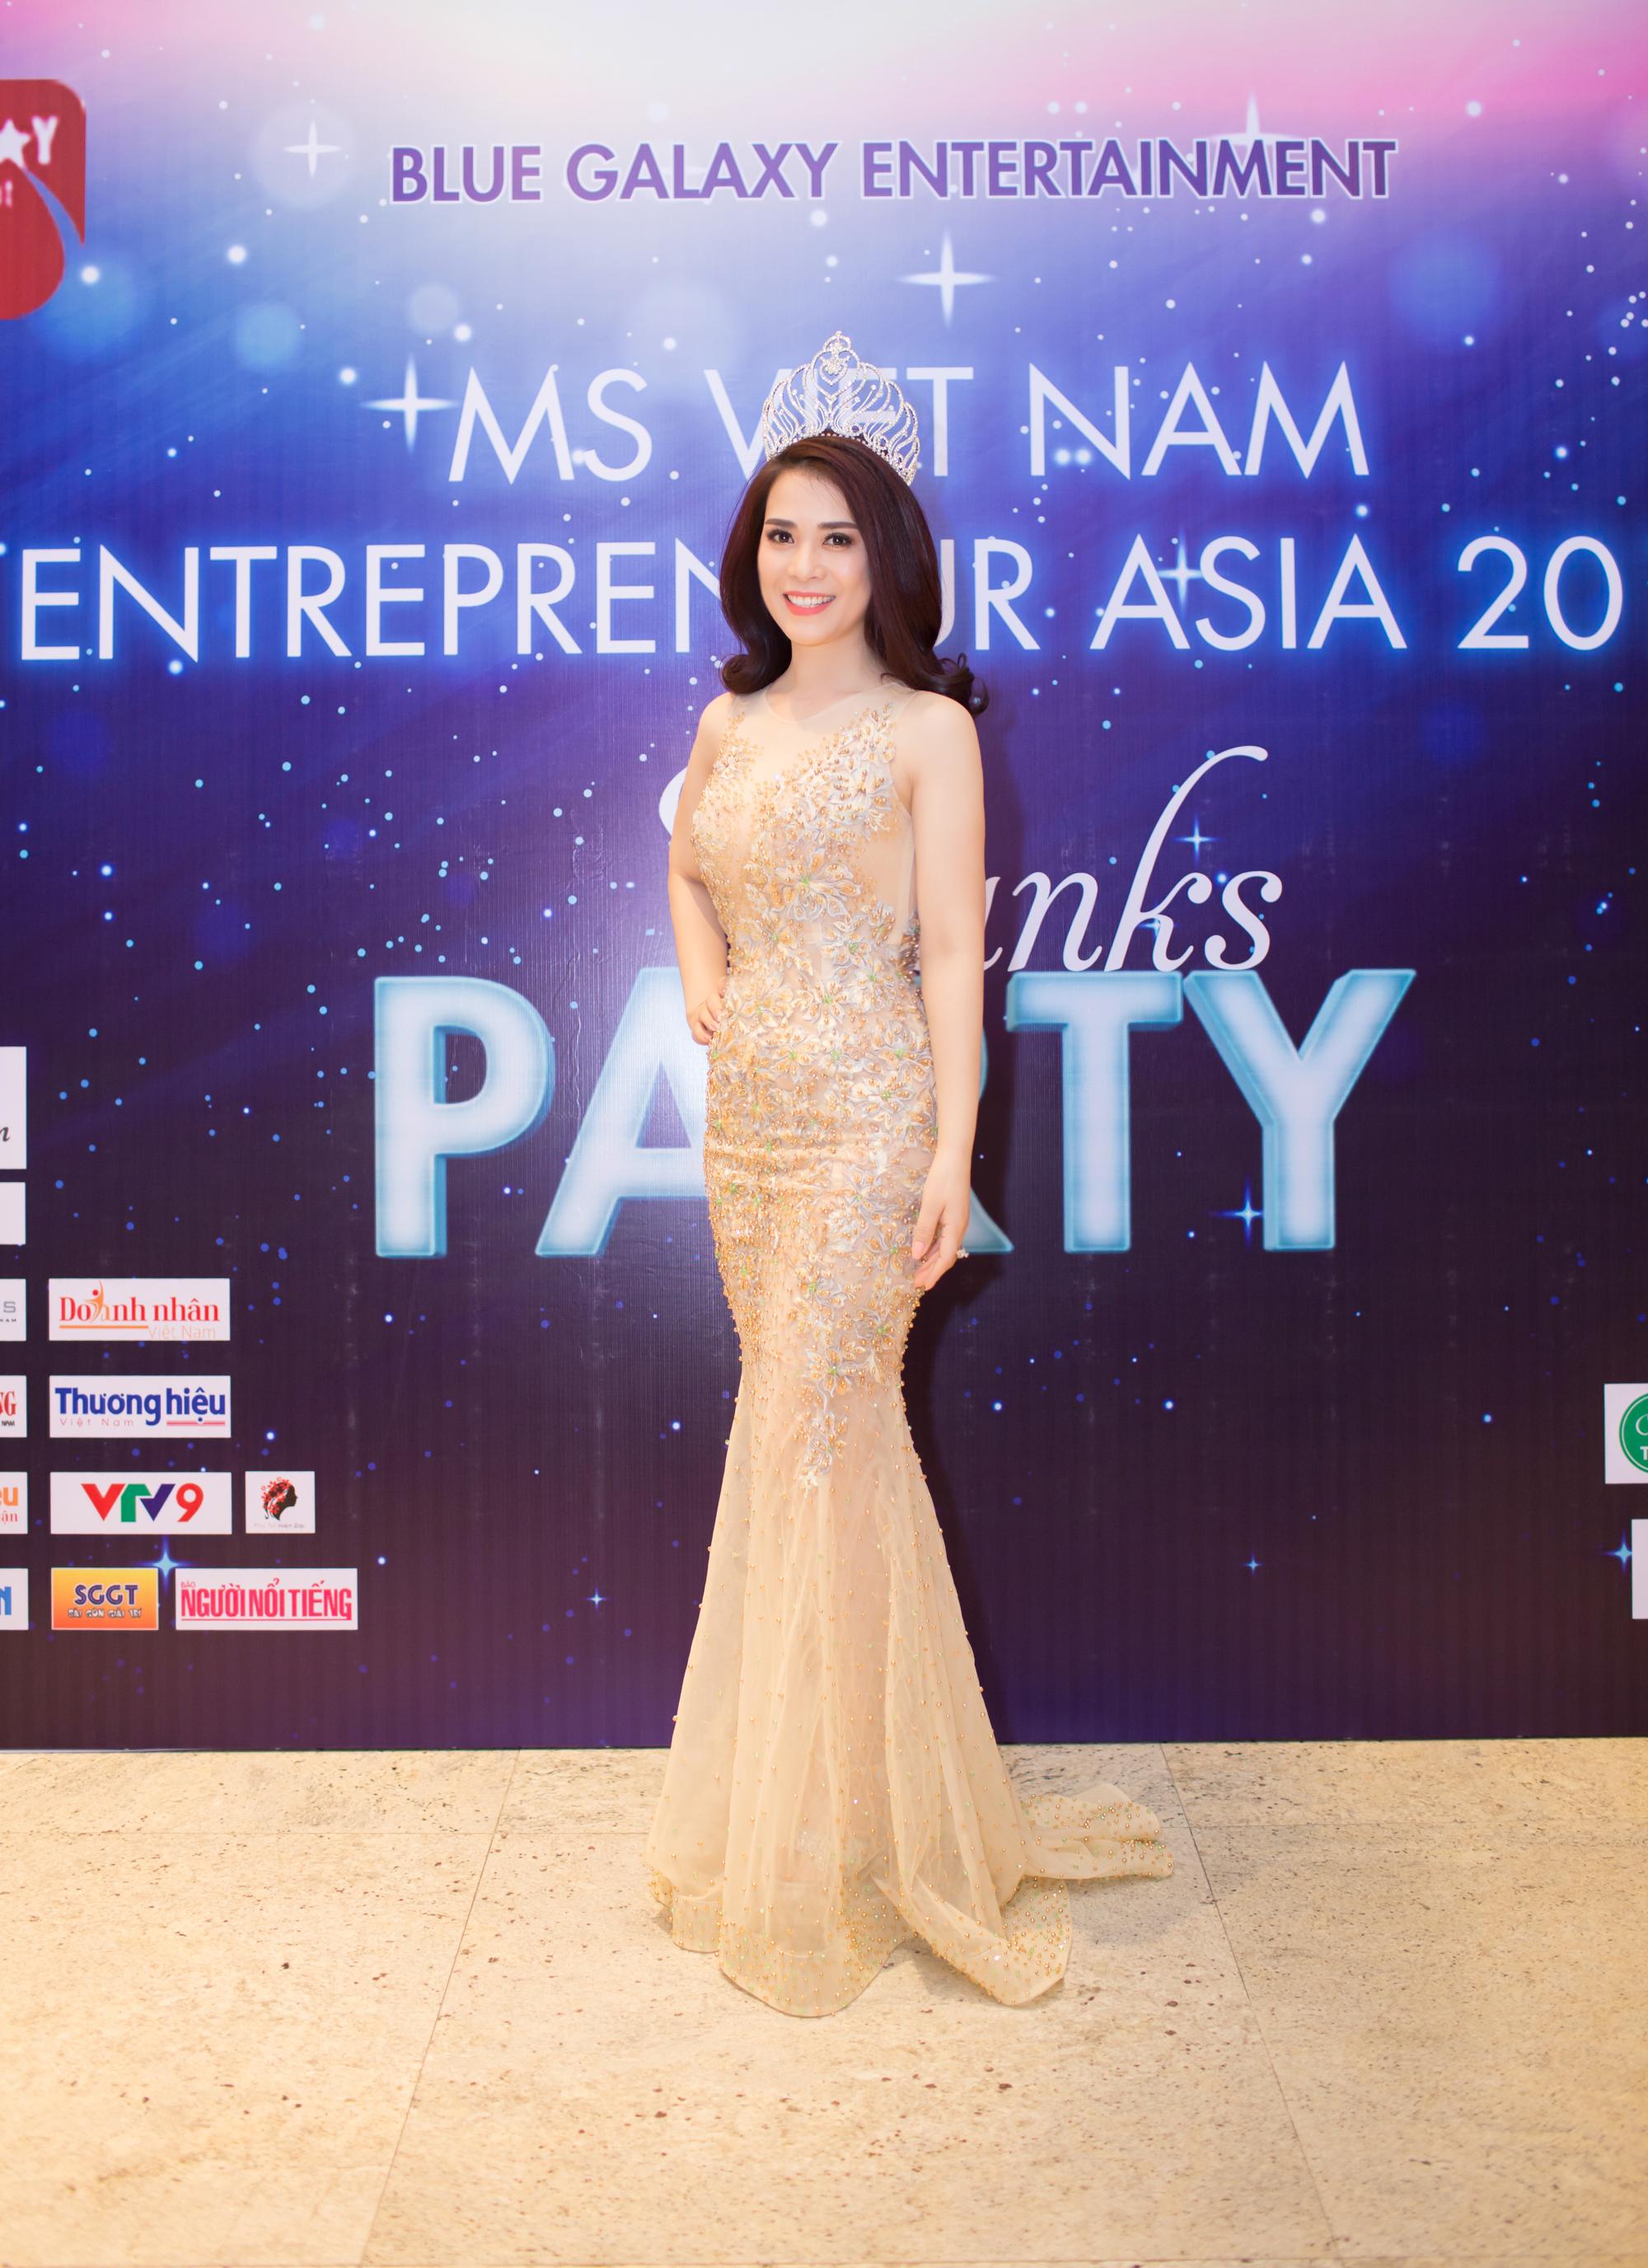 Bao_chi_va_giam_doc_Tran_Ngoc_Lan_trong_cuoc_thi_Hoa_hau_Doanh_nhan_nguoi_Viet_chau_A_2017